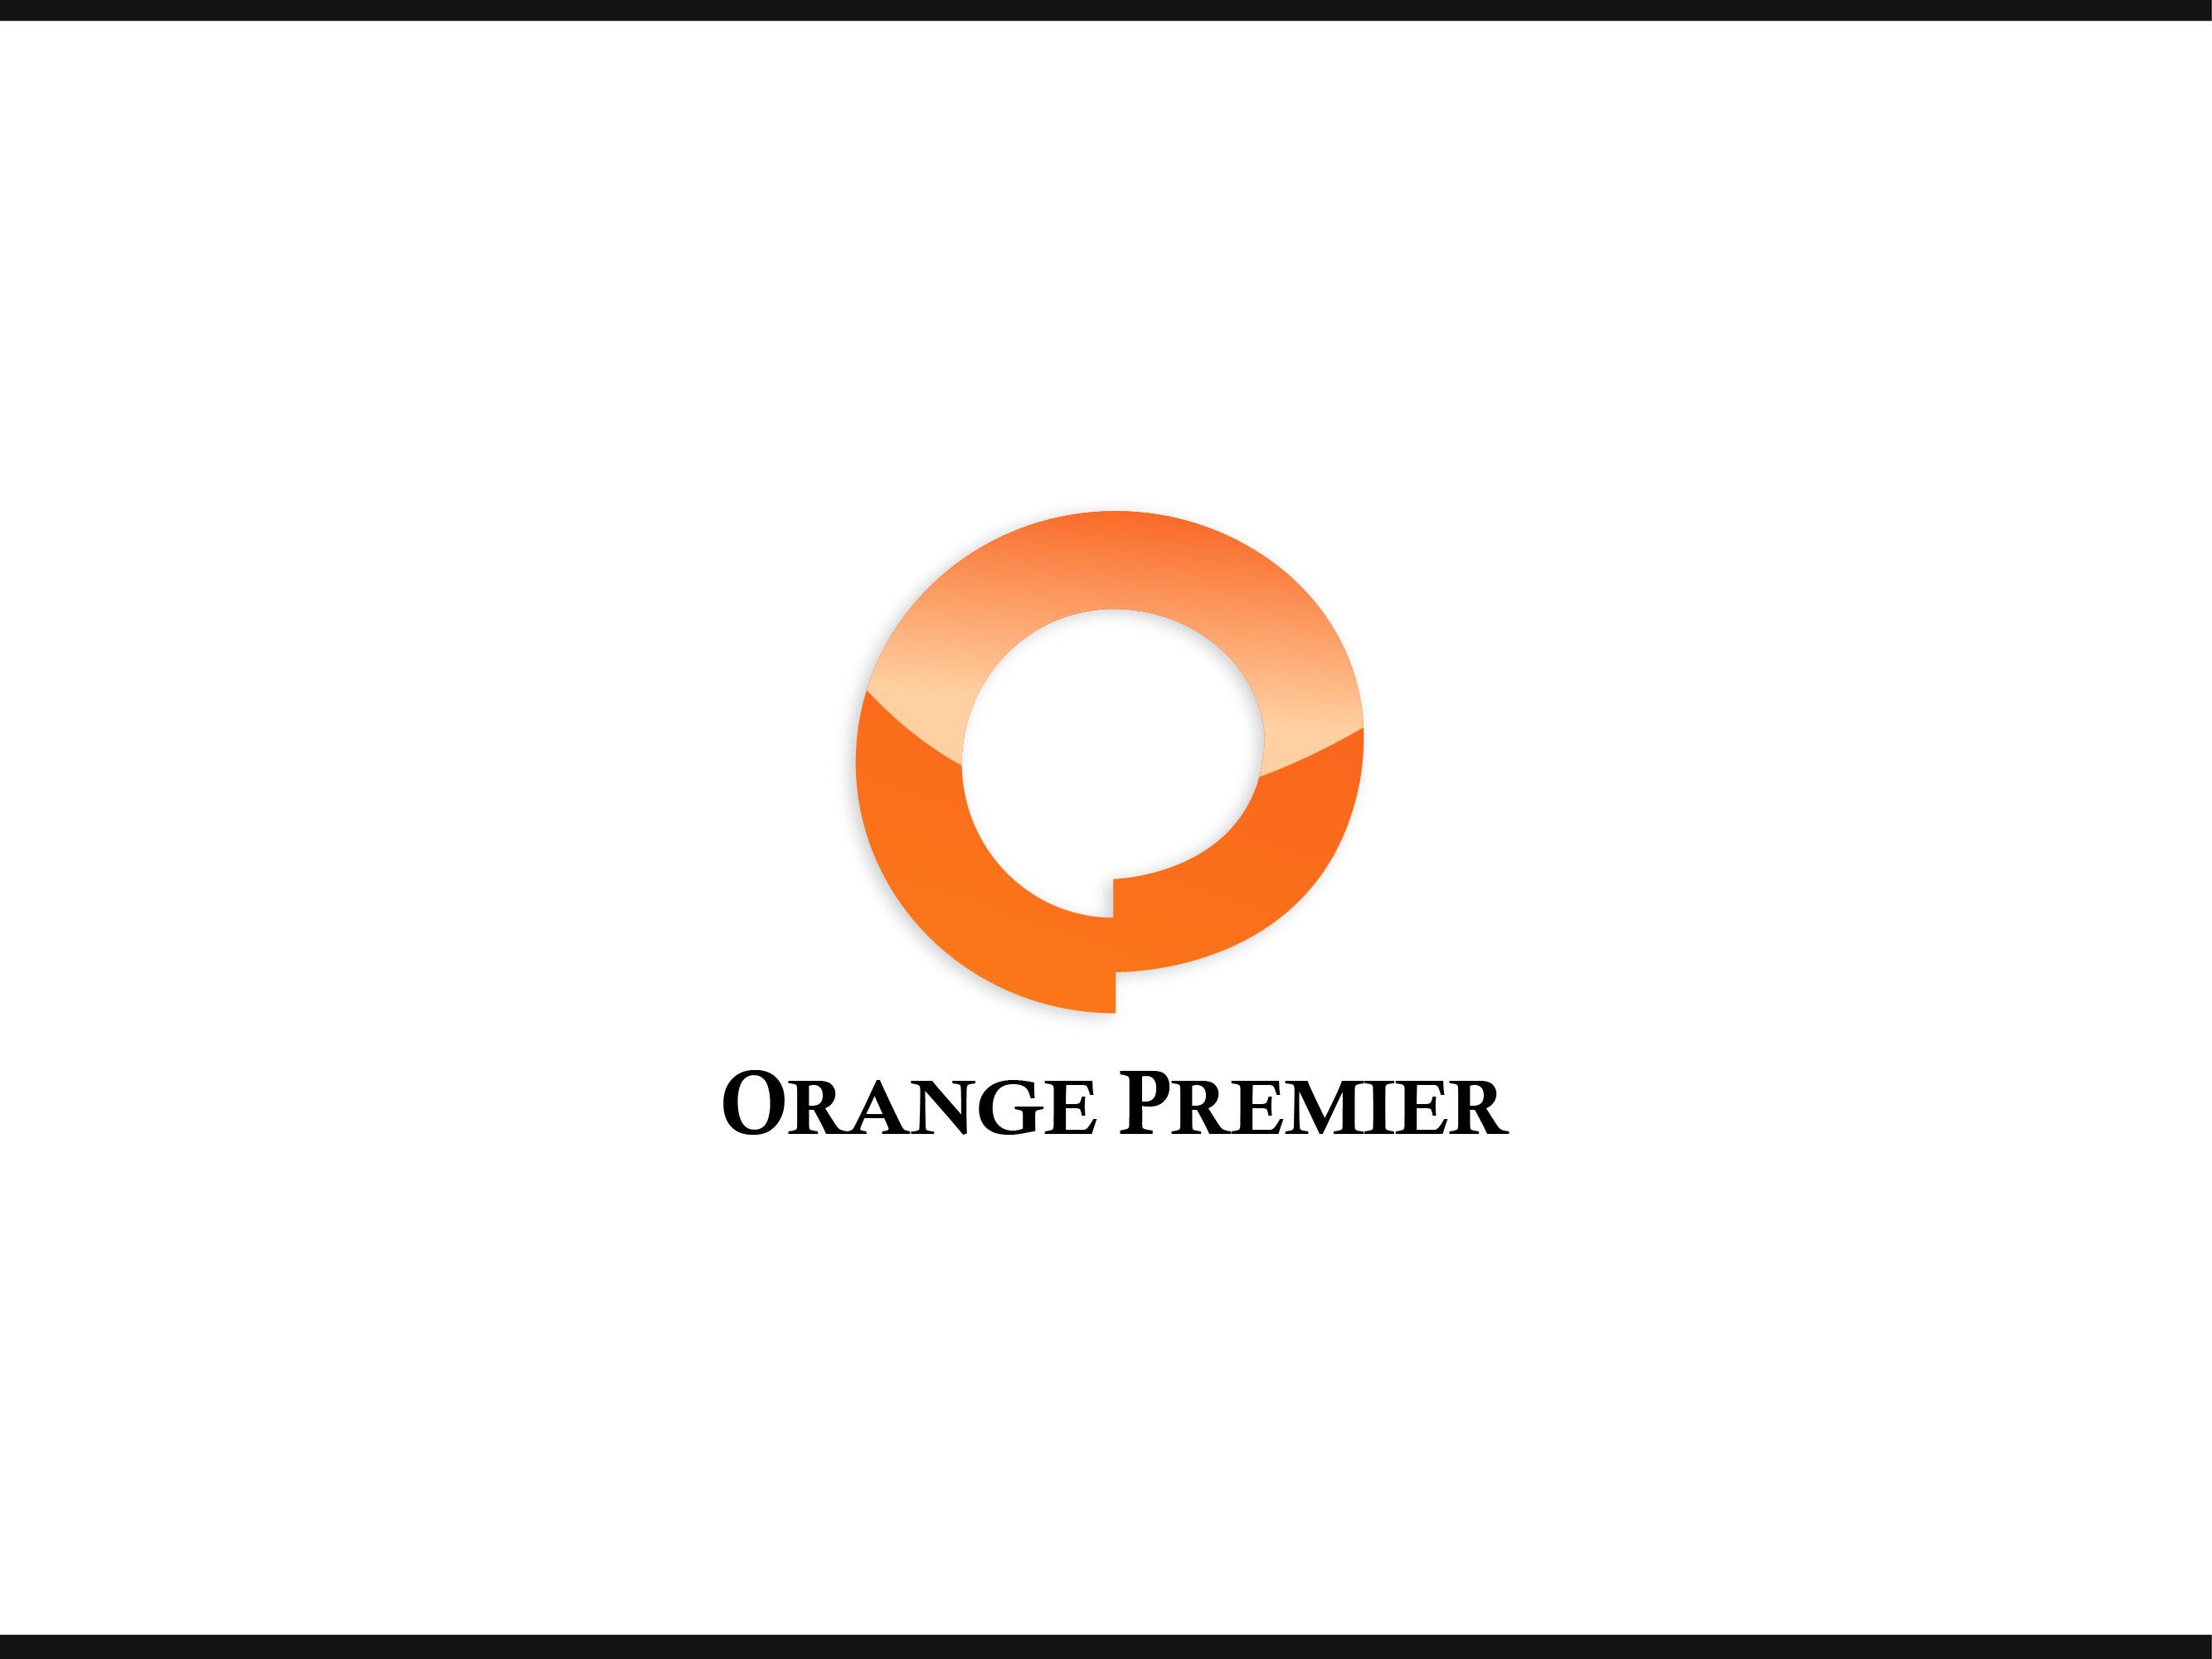 Logo Design by Allan Esclamado - Entry No. 184 in the Logo Design Contest Captivating Logo Design for Orange Premier.